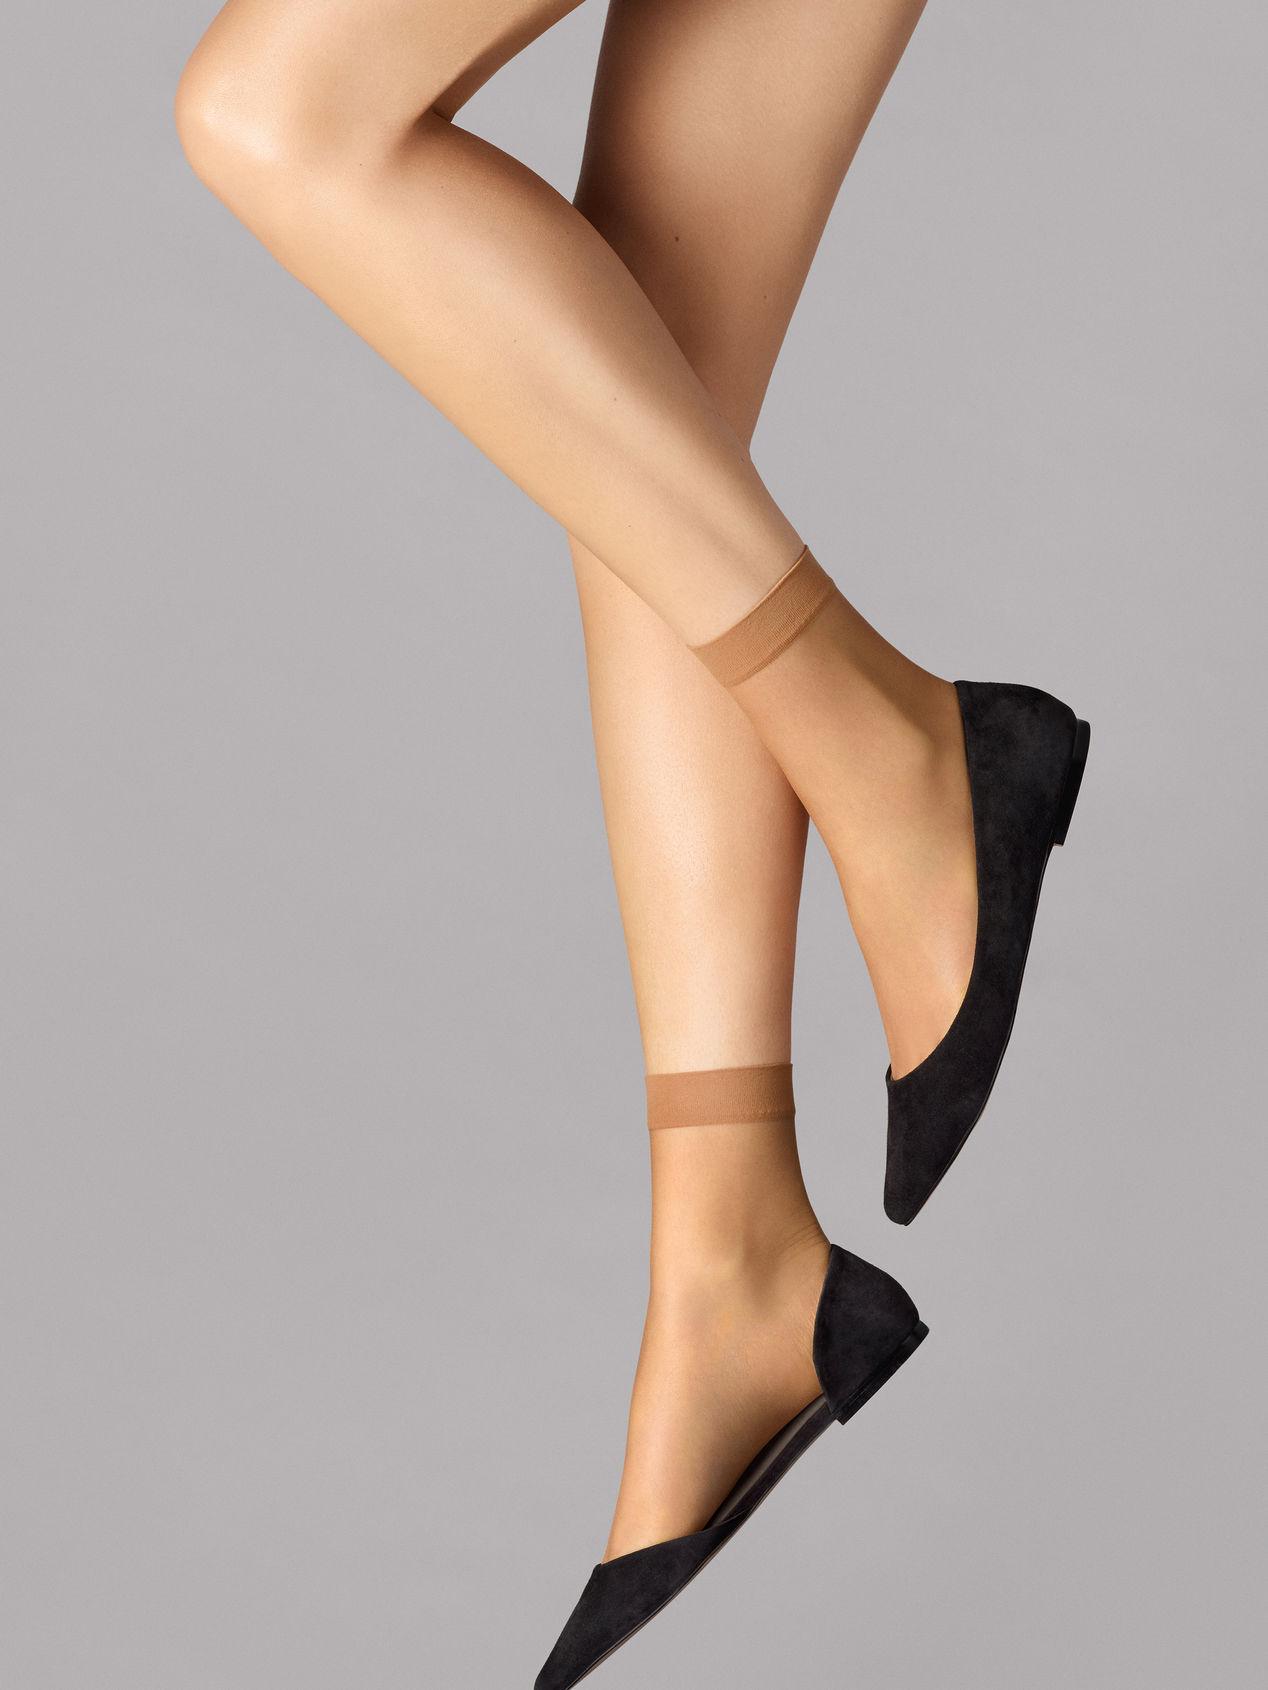 Wolford Nude 8 socks